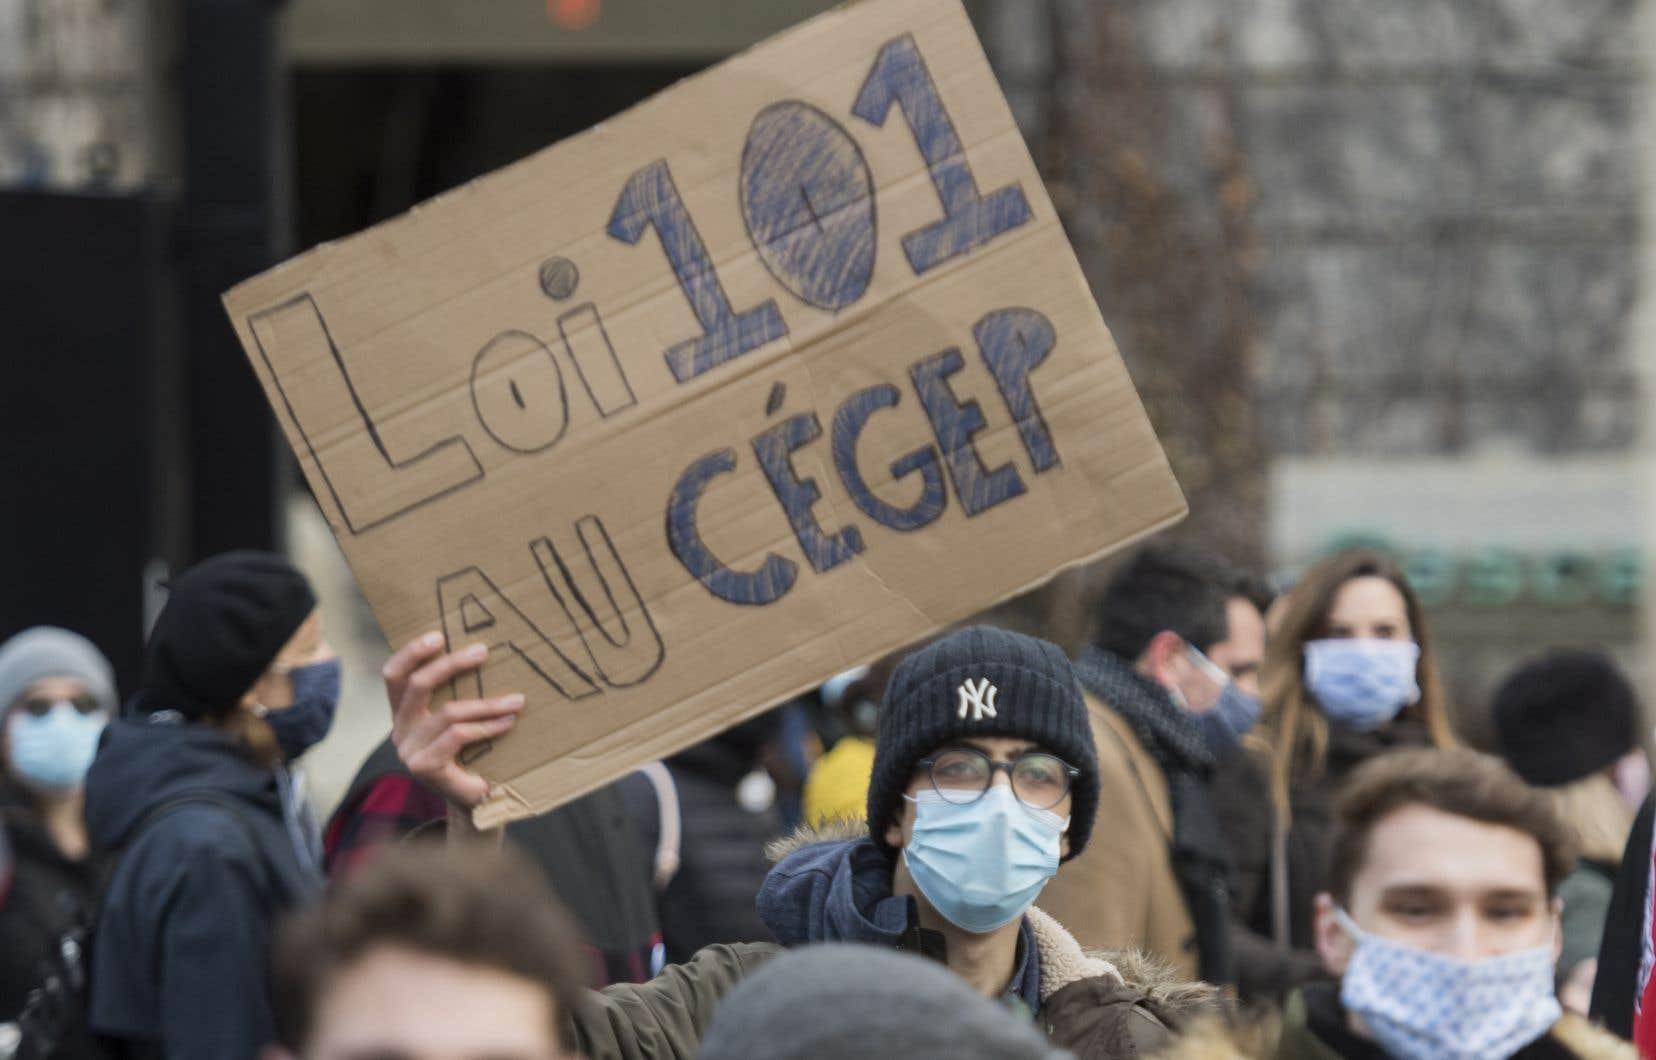 Des manifestants se sont rassemblés devant l'hôtel de ville de Montréal, le 28 novembre dernier, pour réclamer des actions concrètes pour freiner le recul du français au Québec.